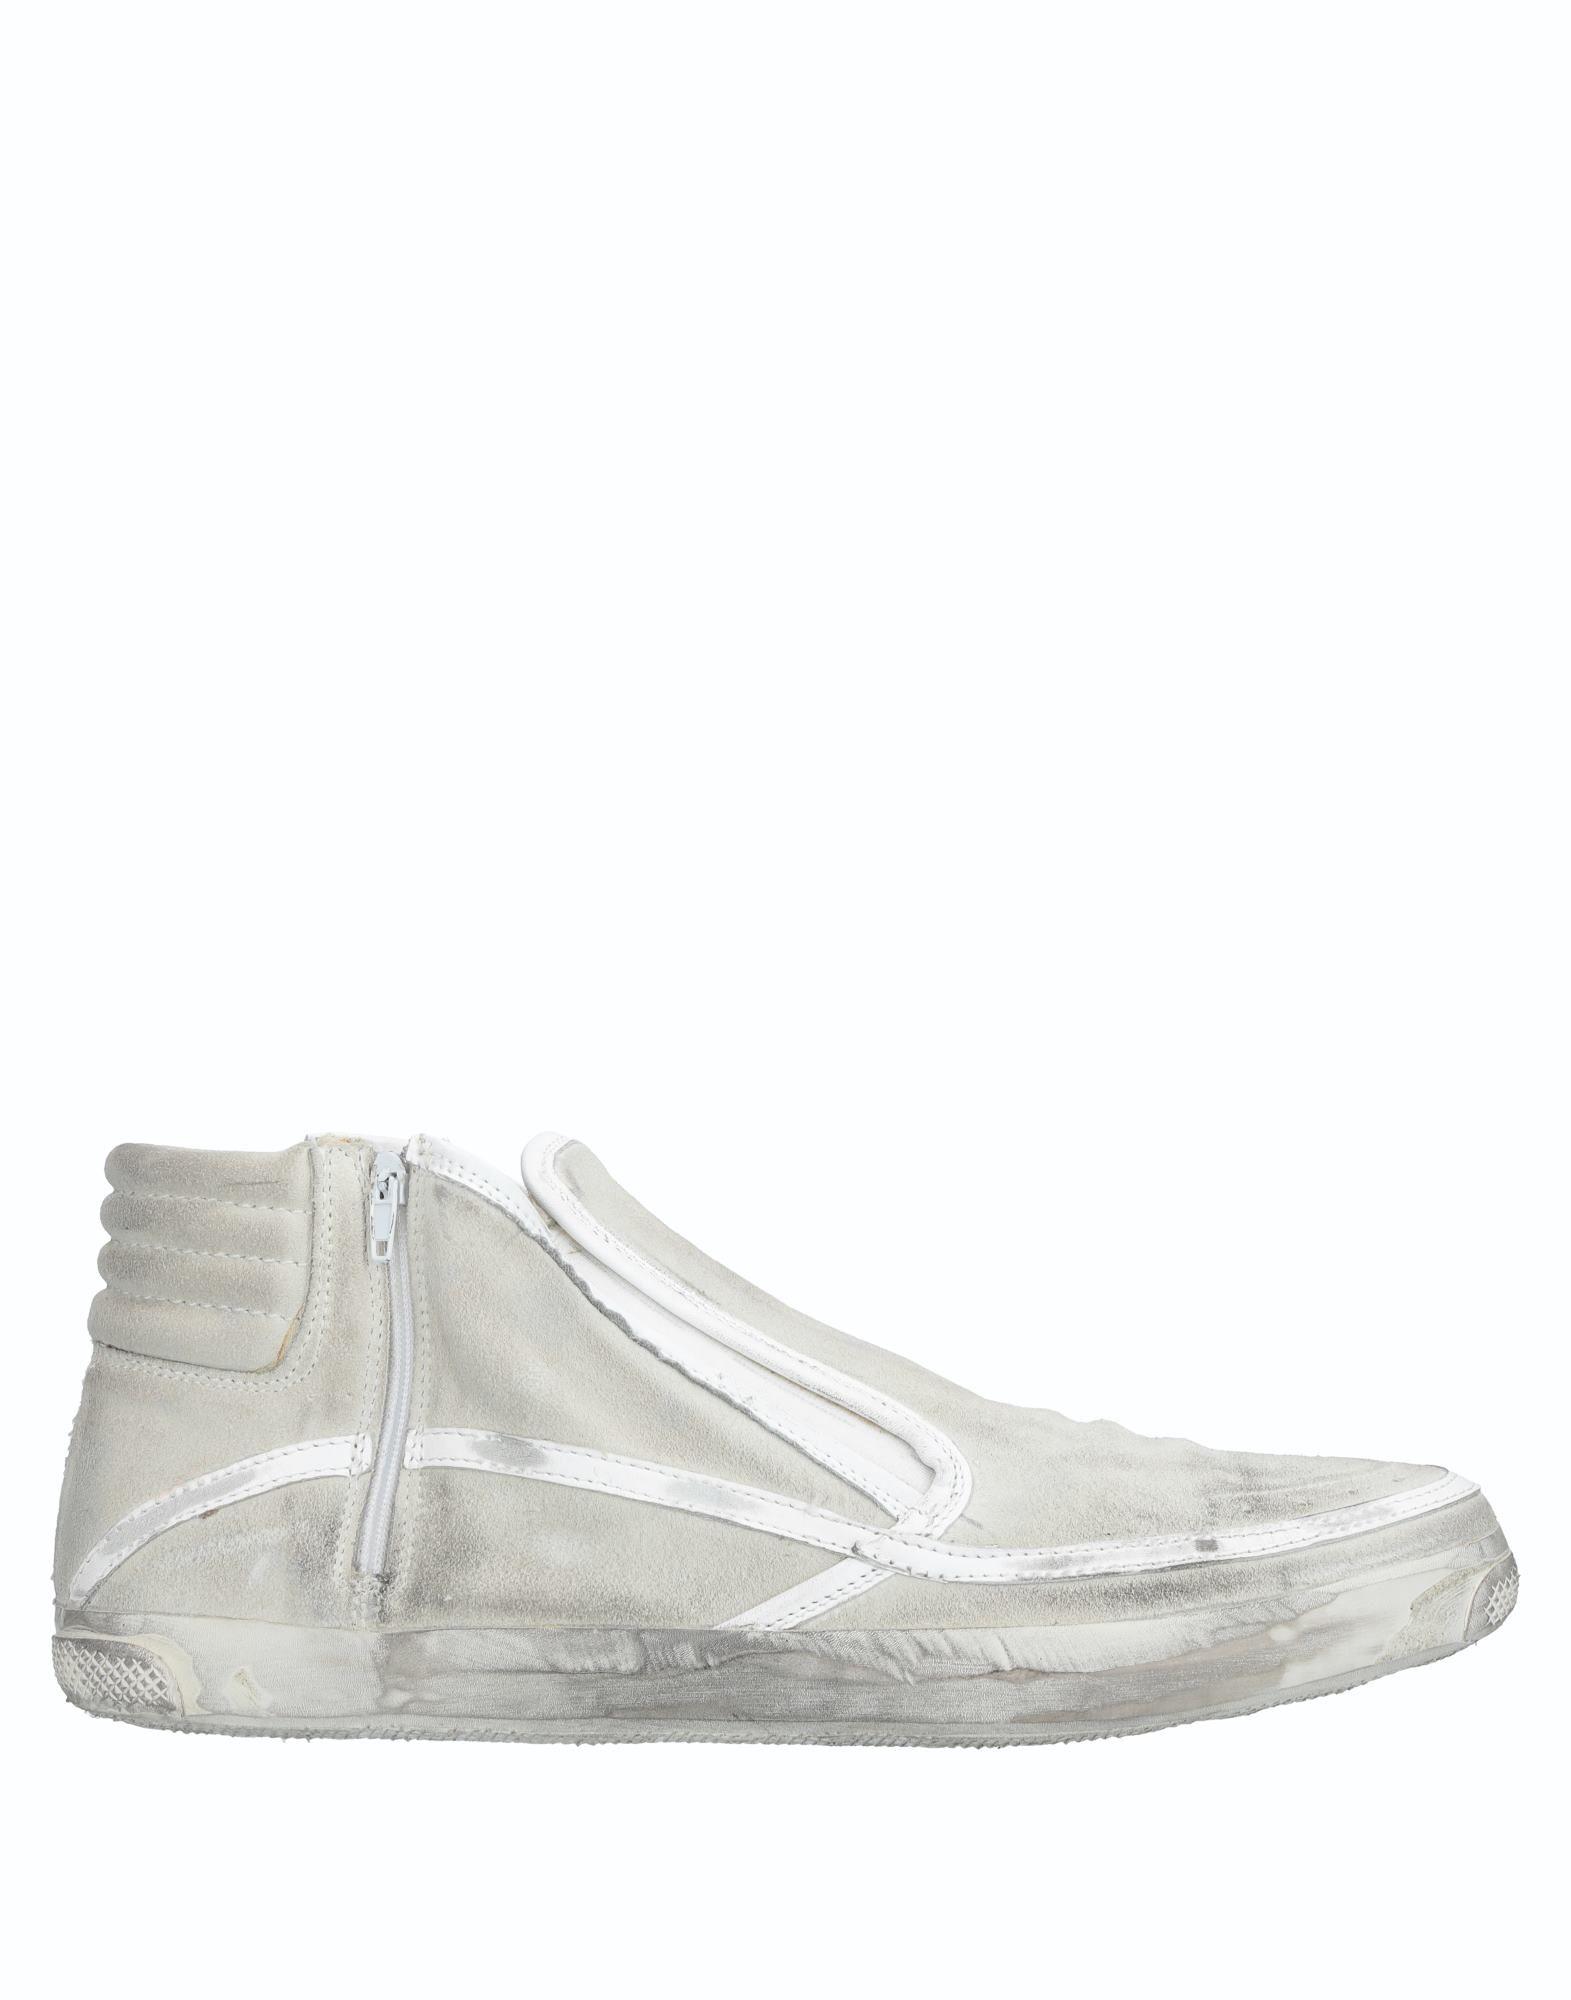 Moda Sneakers Jfk Donna - 11523343GO